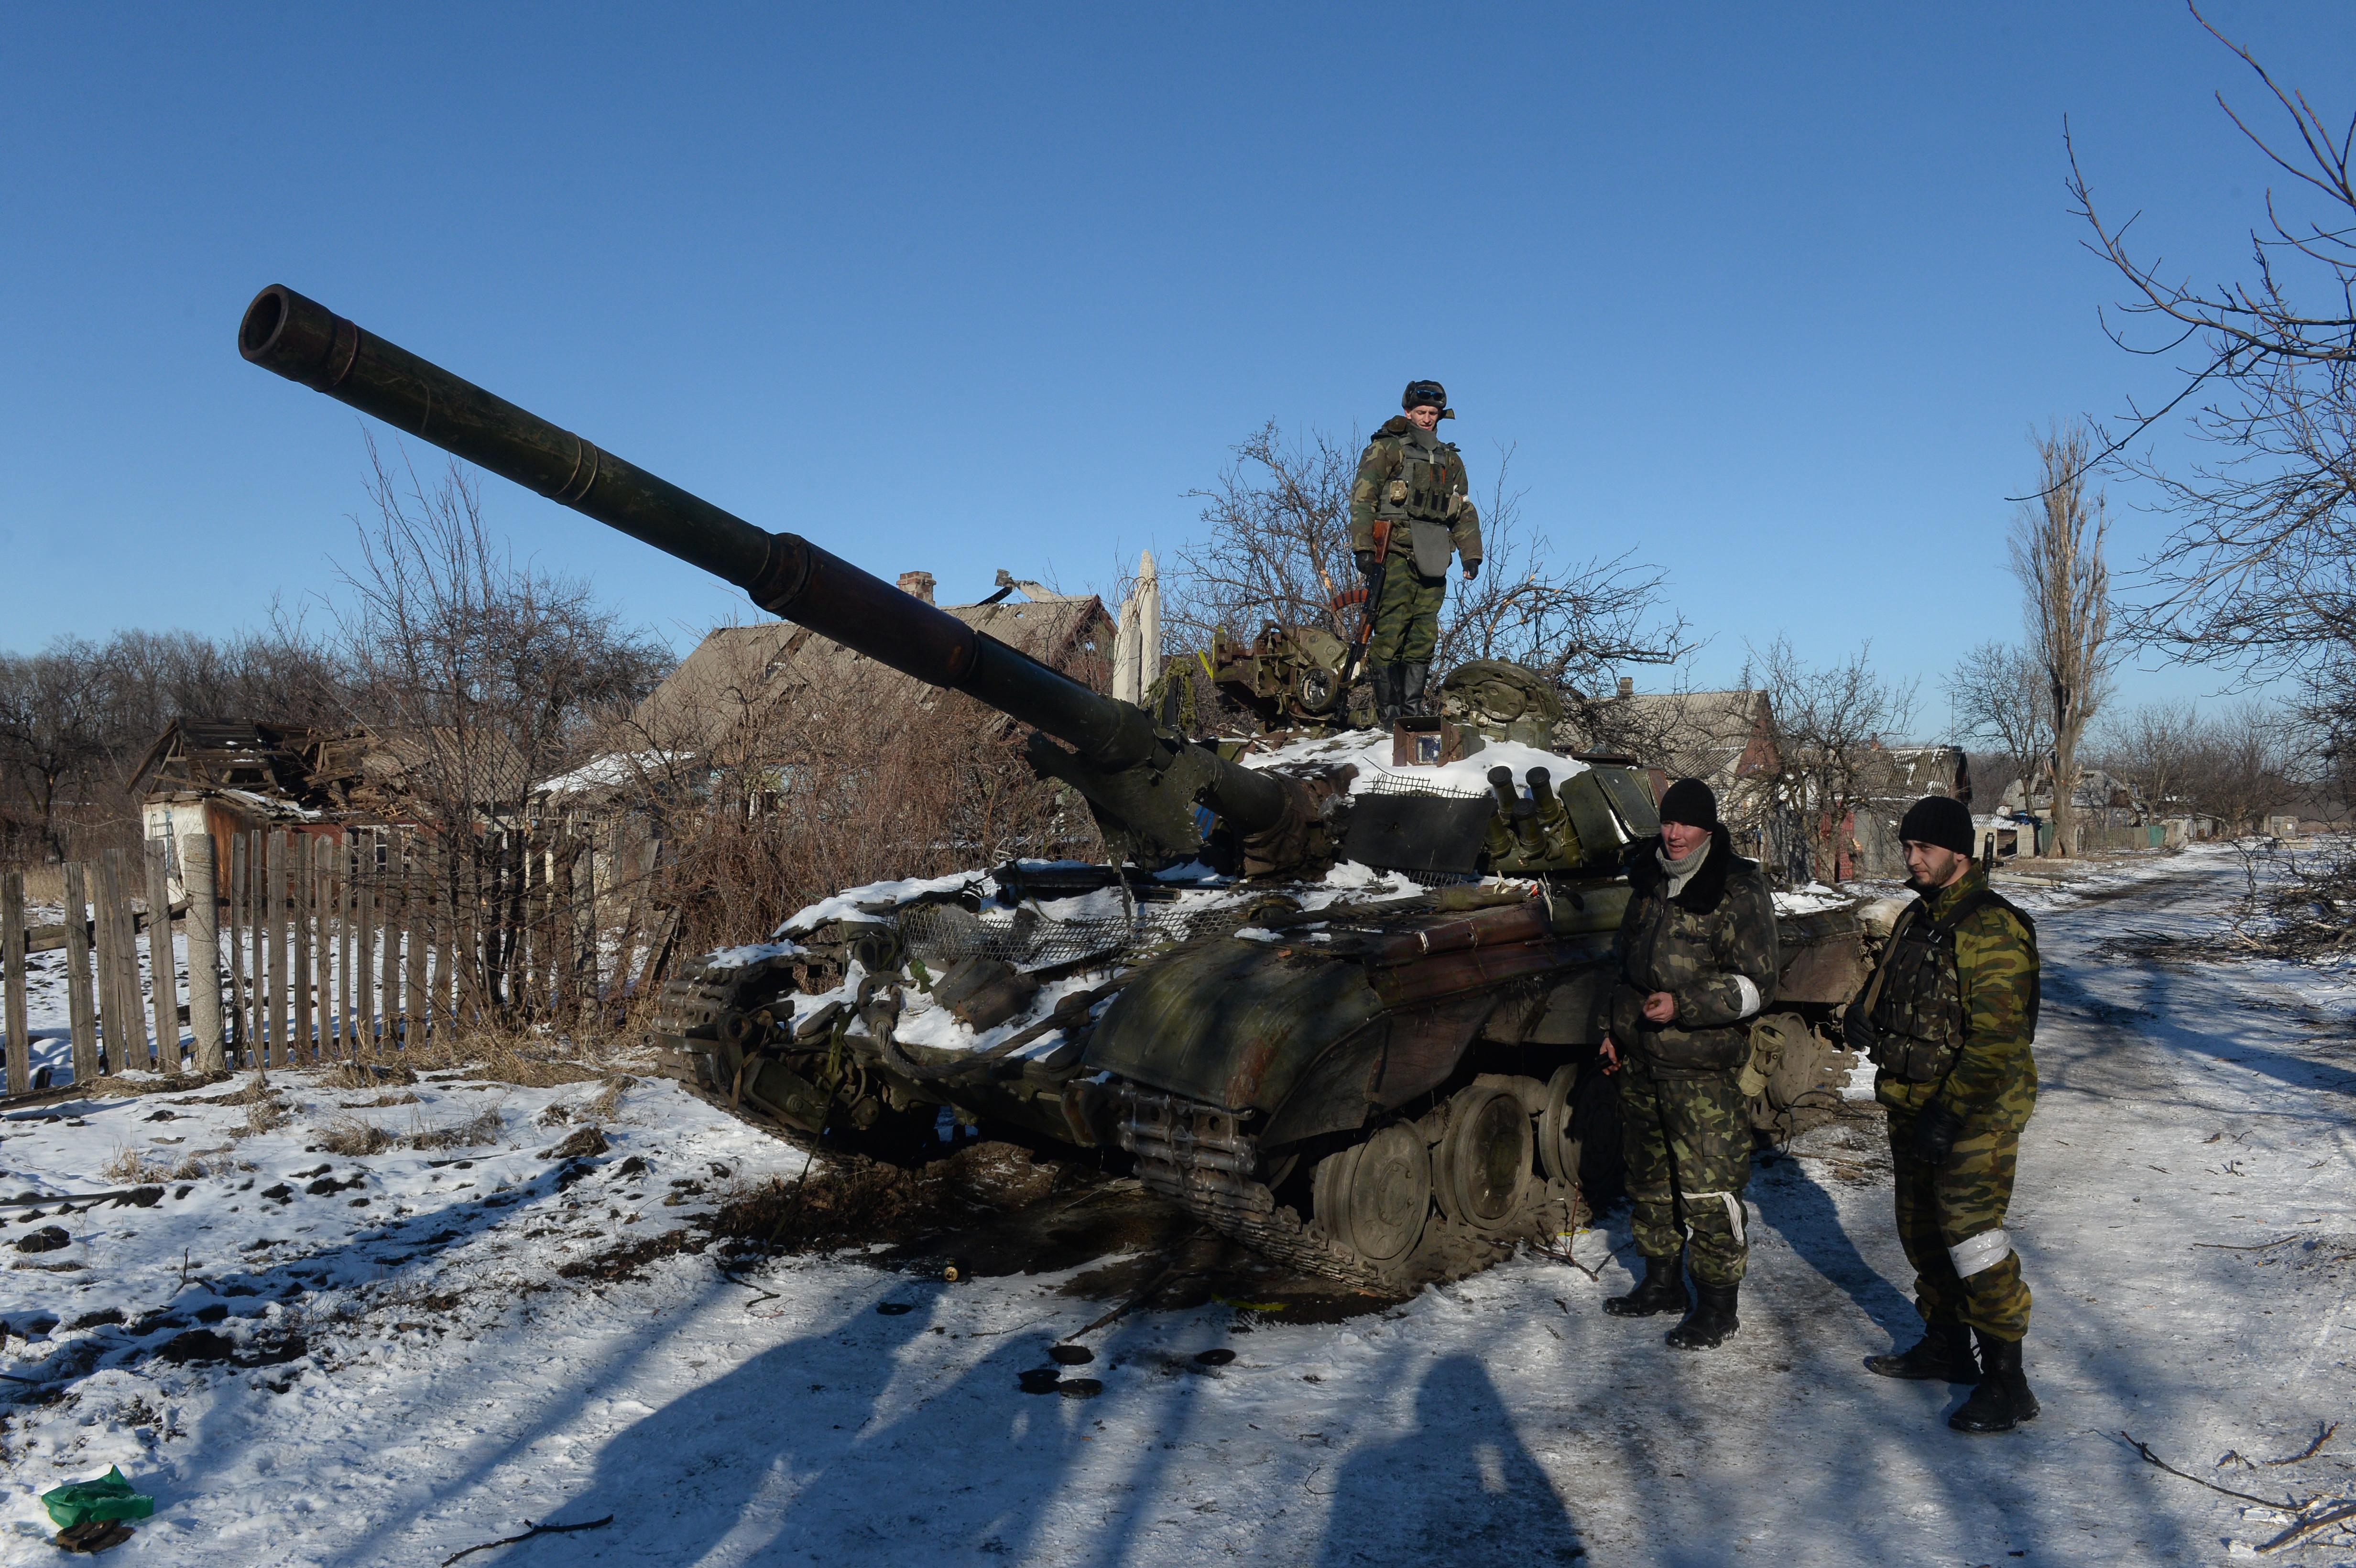 Фото © РИА Новости / Михаил Воскресенский